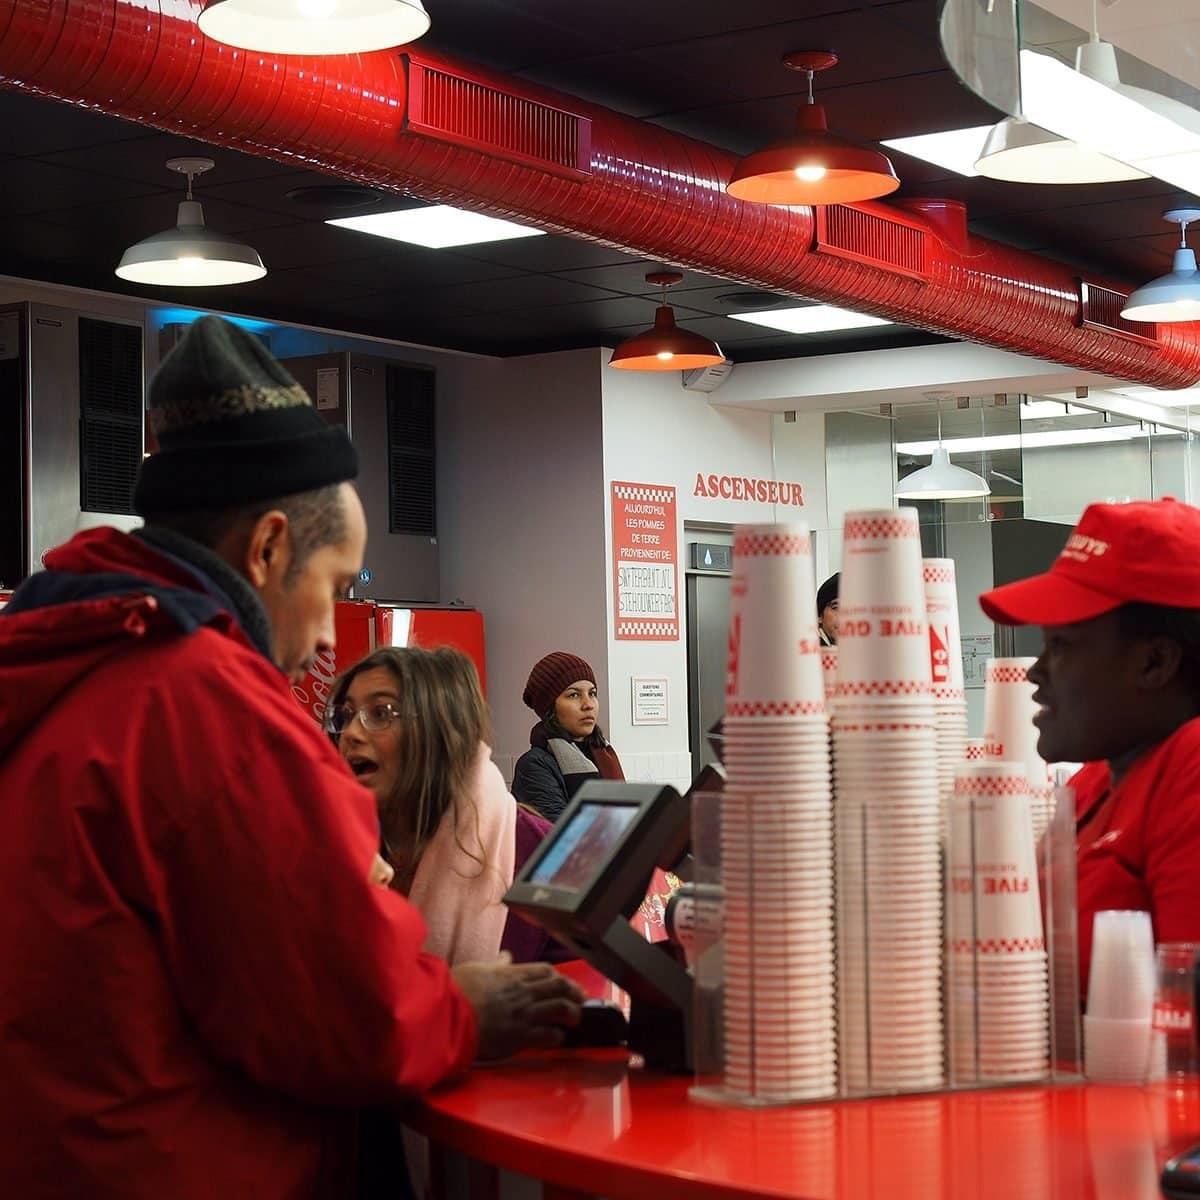 Primer plano de las tripulaciones que trabajan en la cadena de hamburguesas Five Guys, Avenue des Champs-Élysées, París, Francia